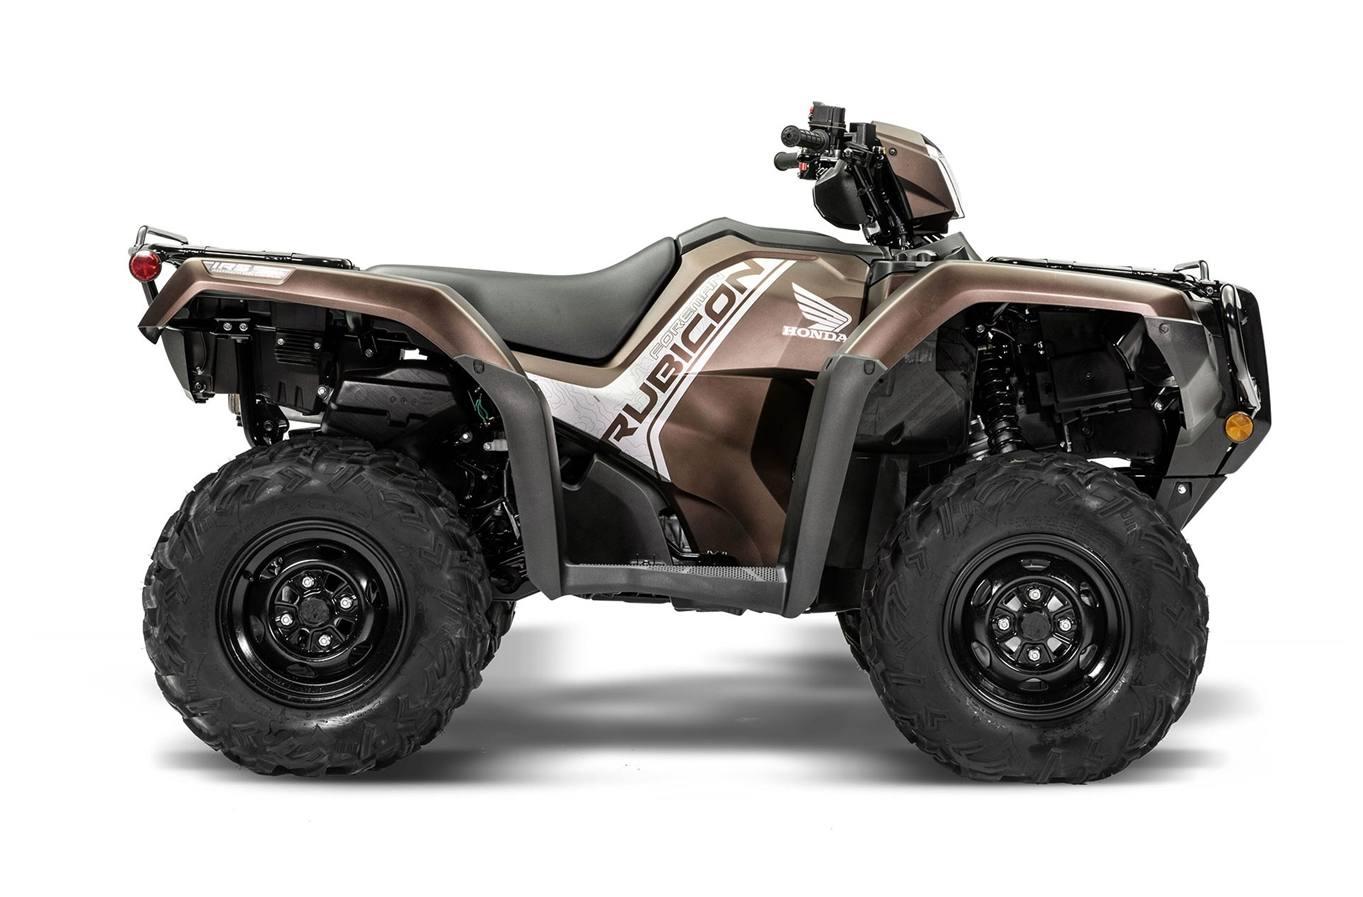 2020 Honda Rubicon 520 IRS EPS - Molasses Brown Metallic